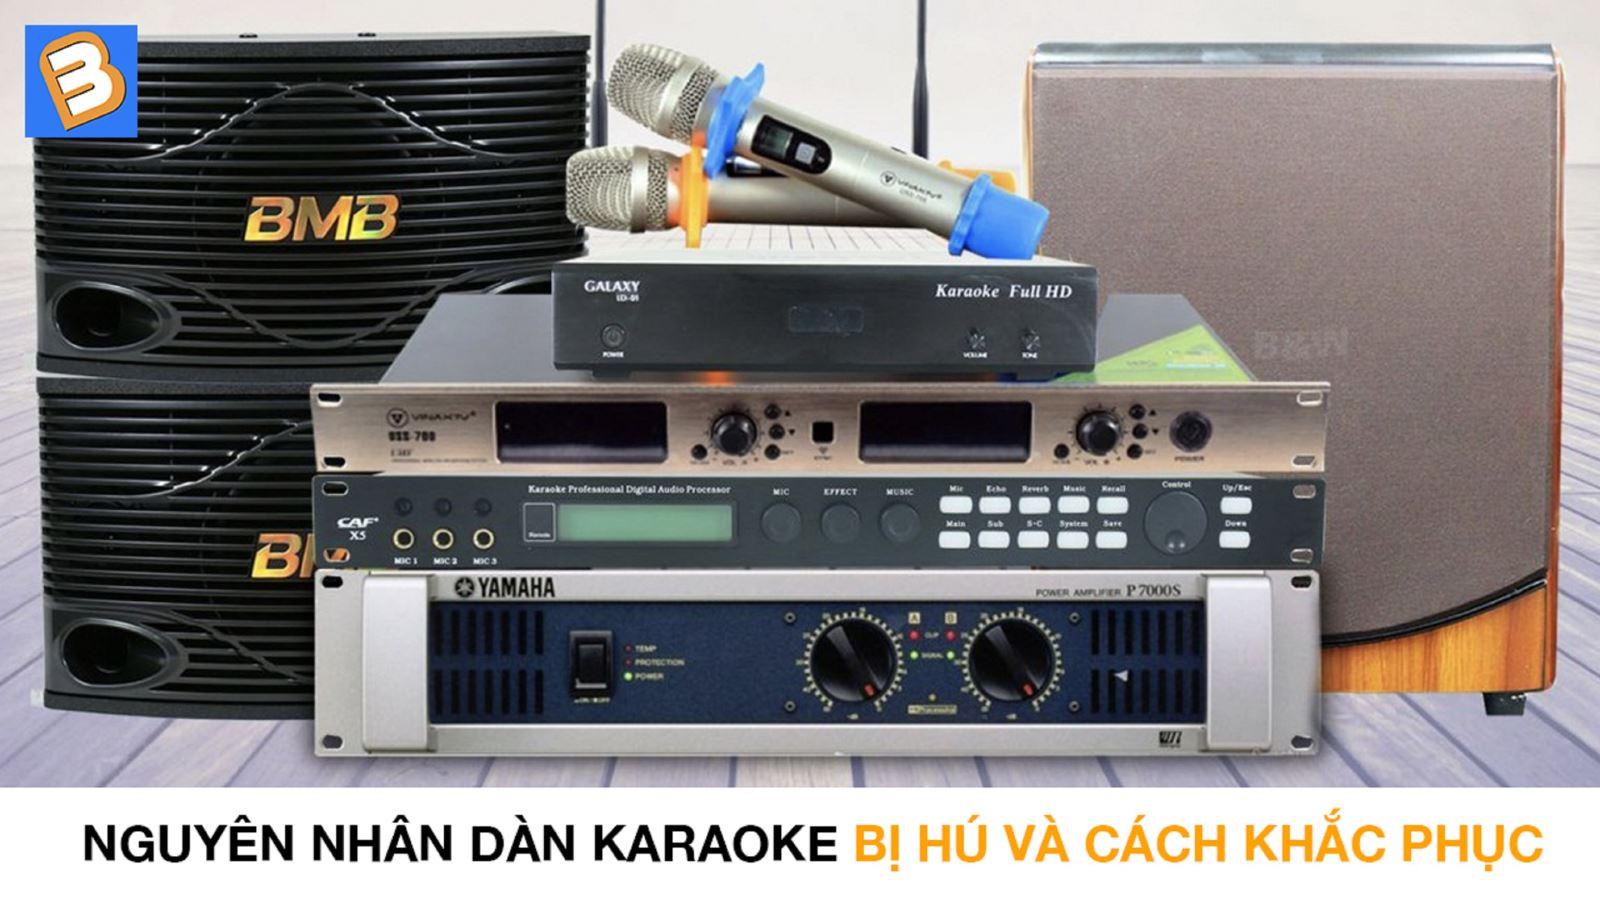 Nguyên nhân dàn karaoke bị hú và cách khắc phục